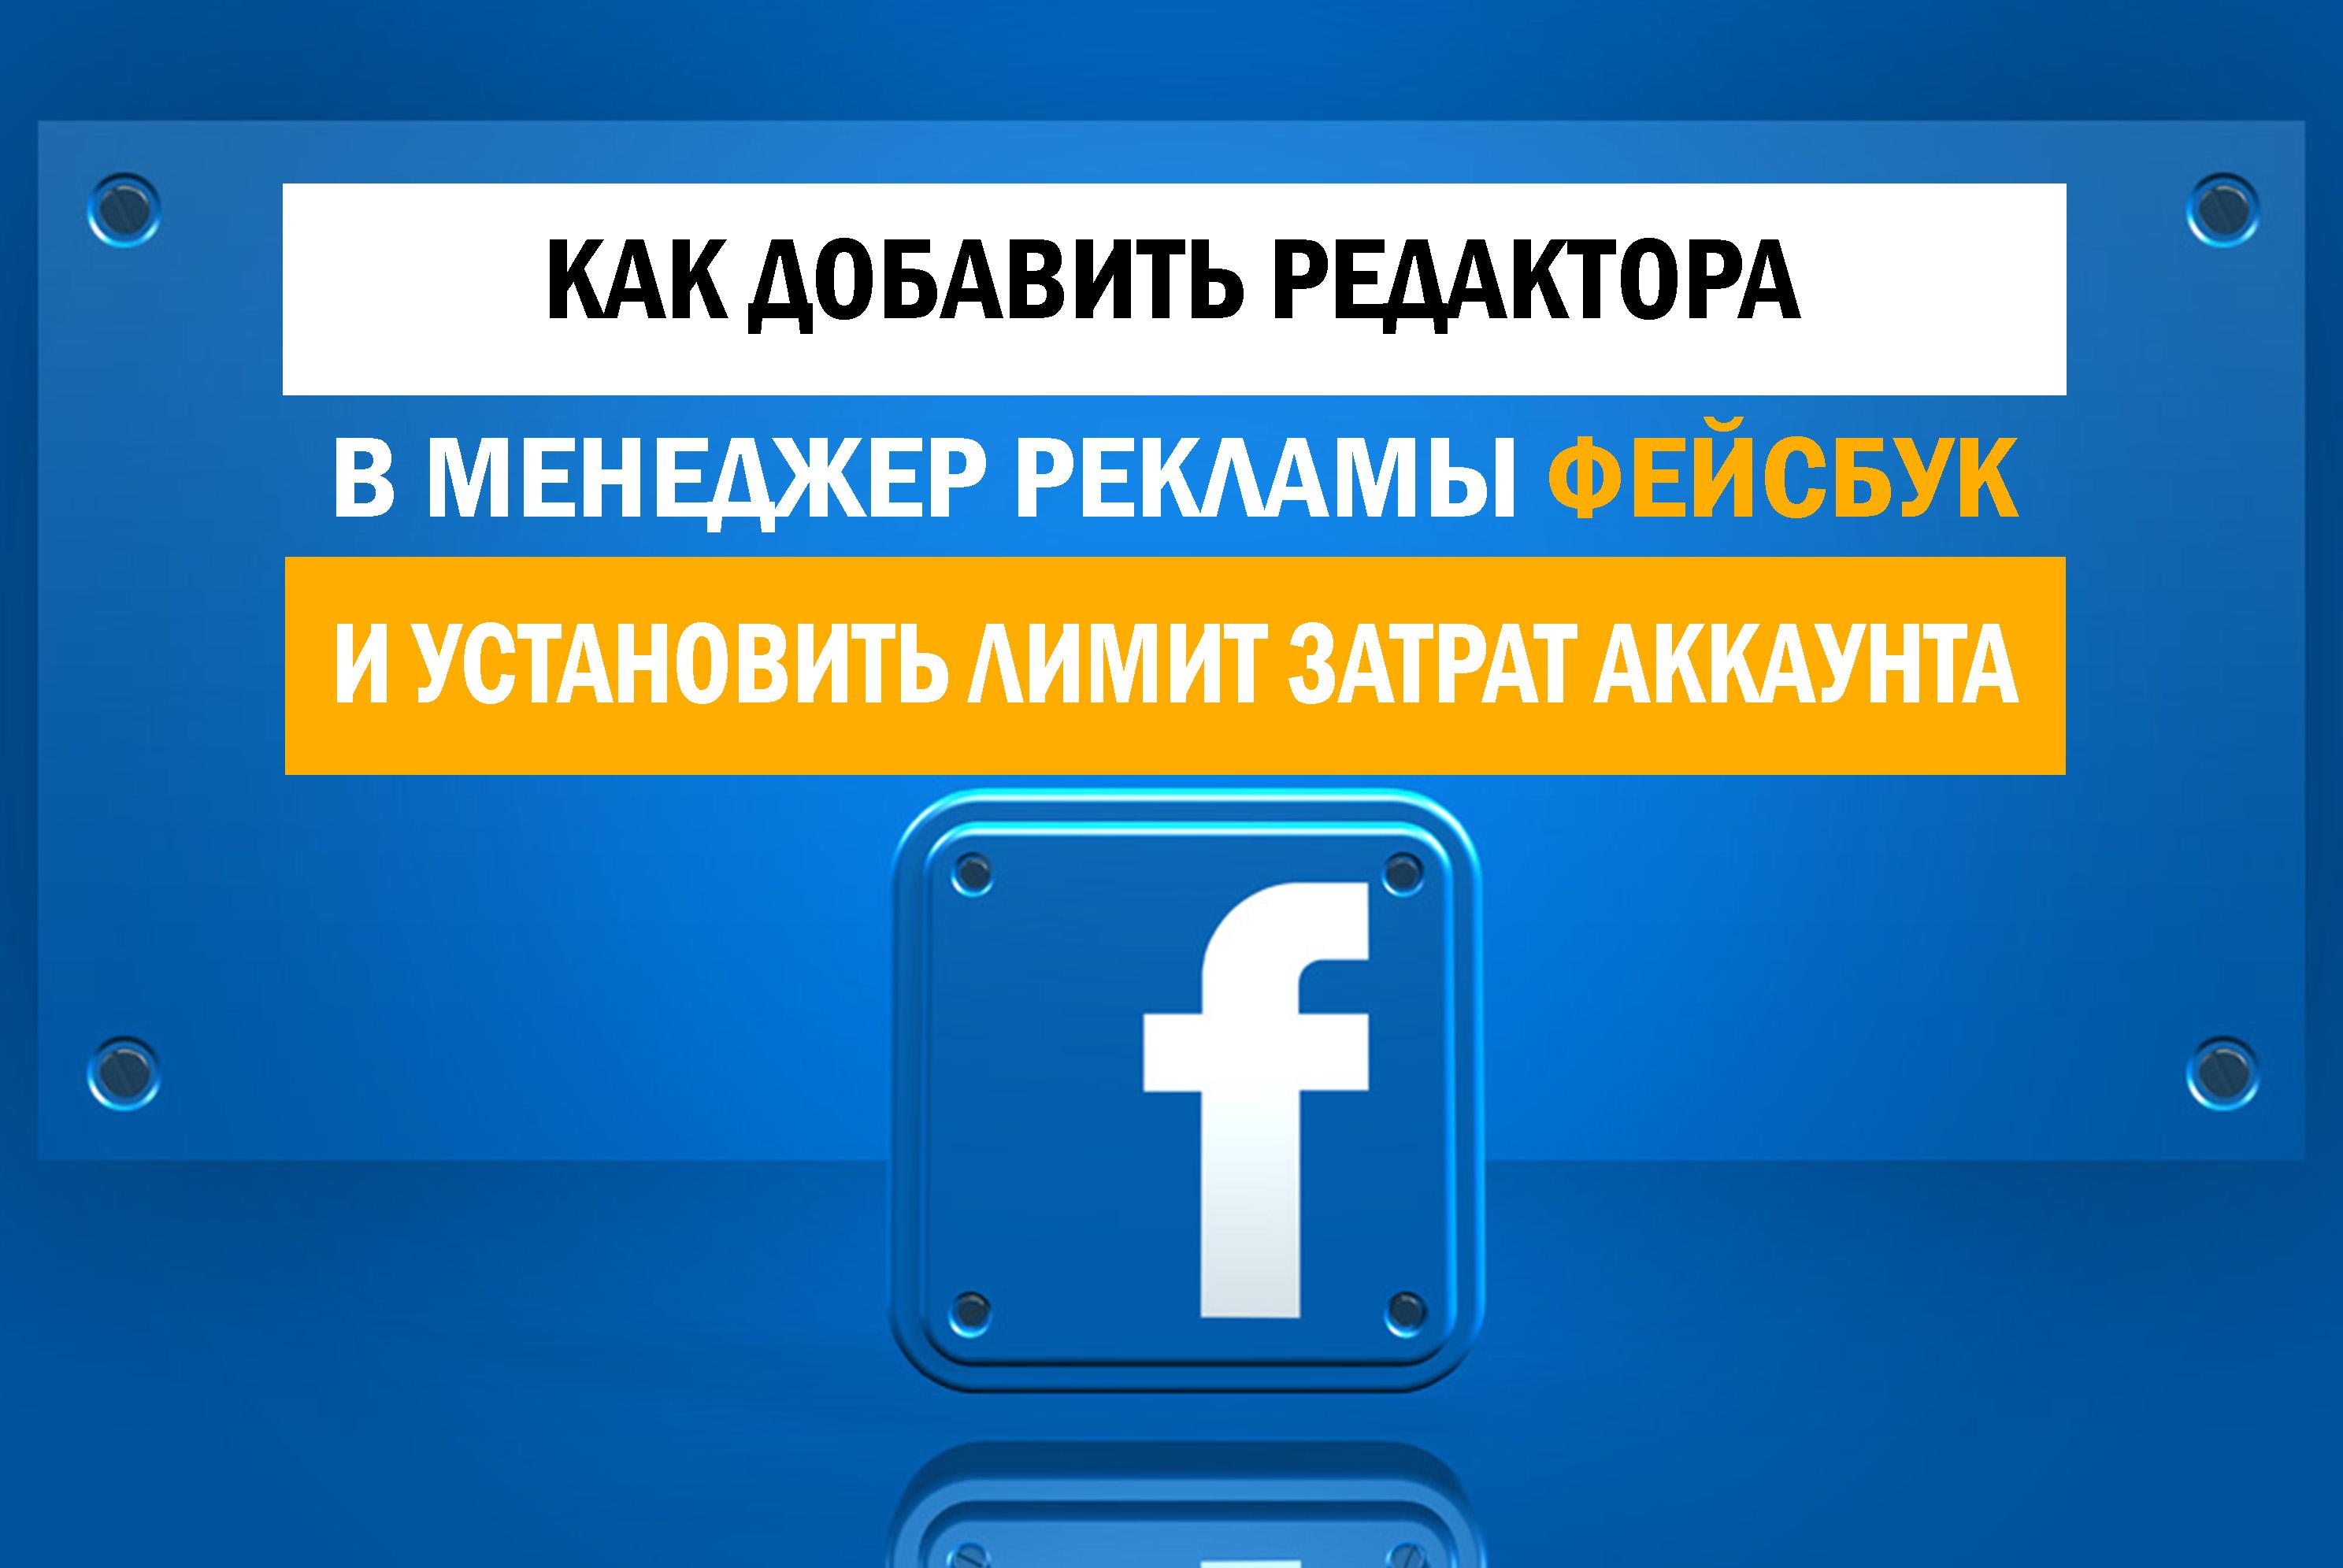 Способ присвоения пользователю прав редактора в менеджере Фейсбук и изменение лимита